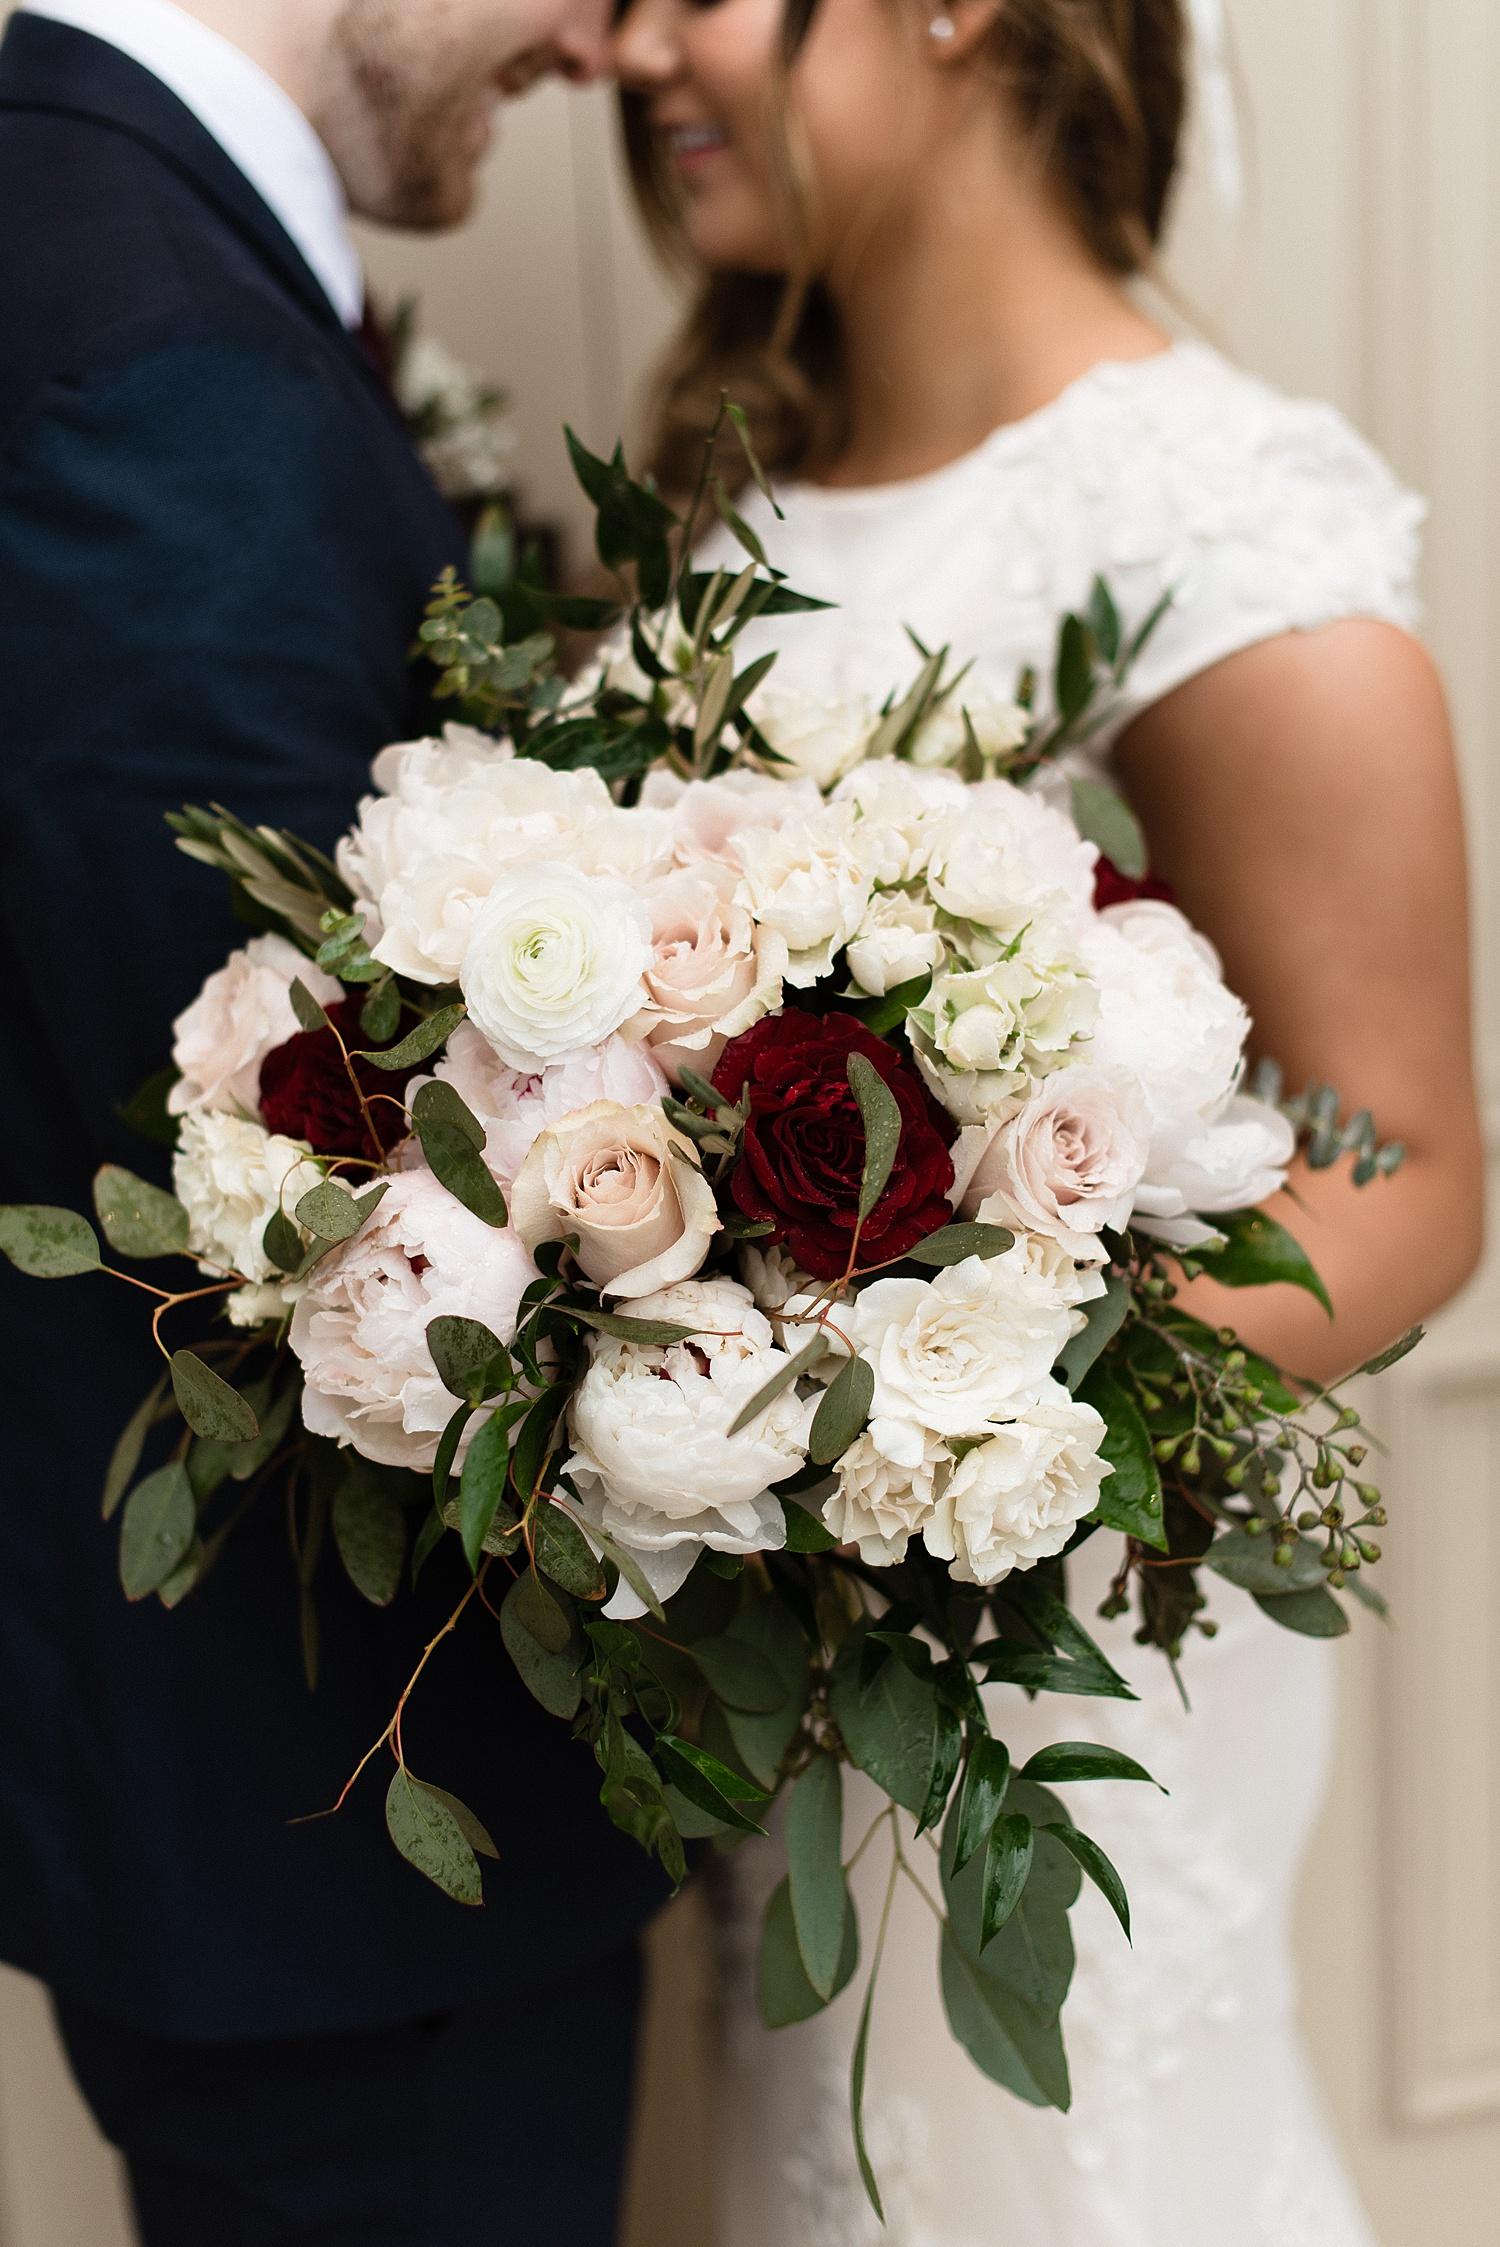 Zandra Barriga Photo - Dallas and Megan Wedding_0021.jpg